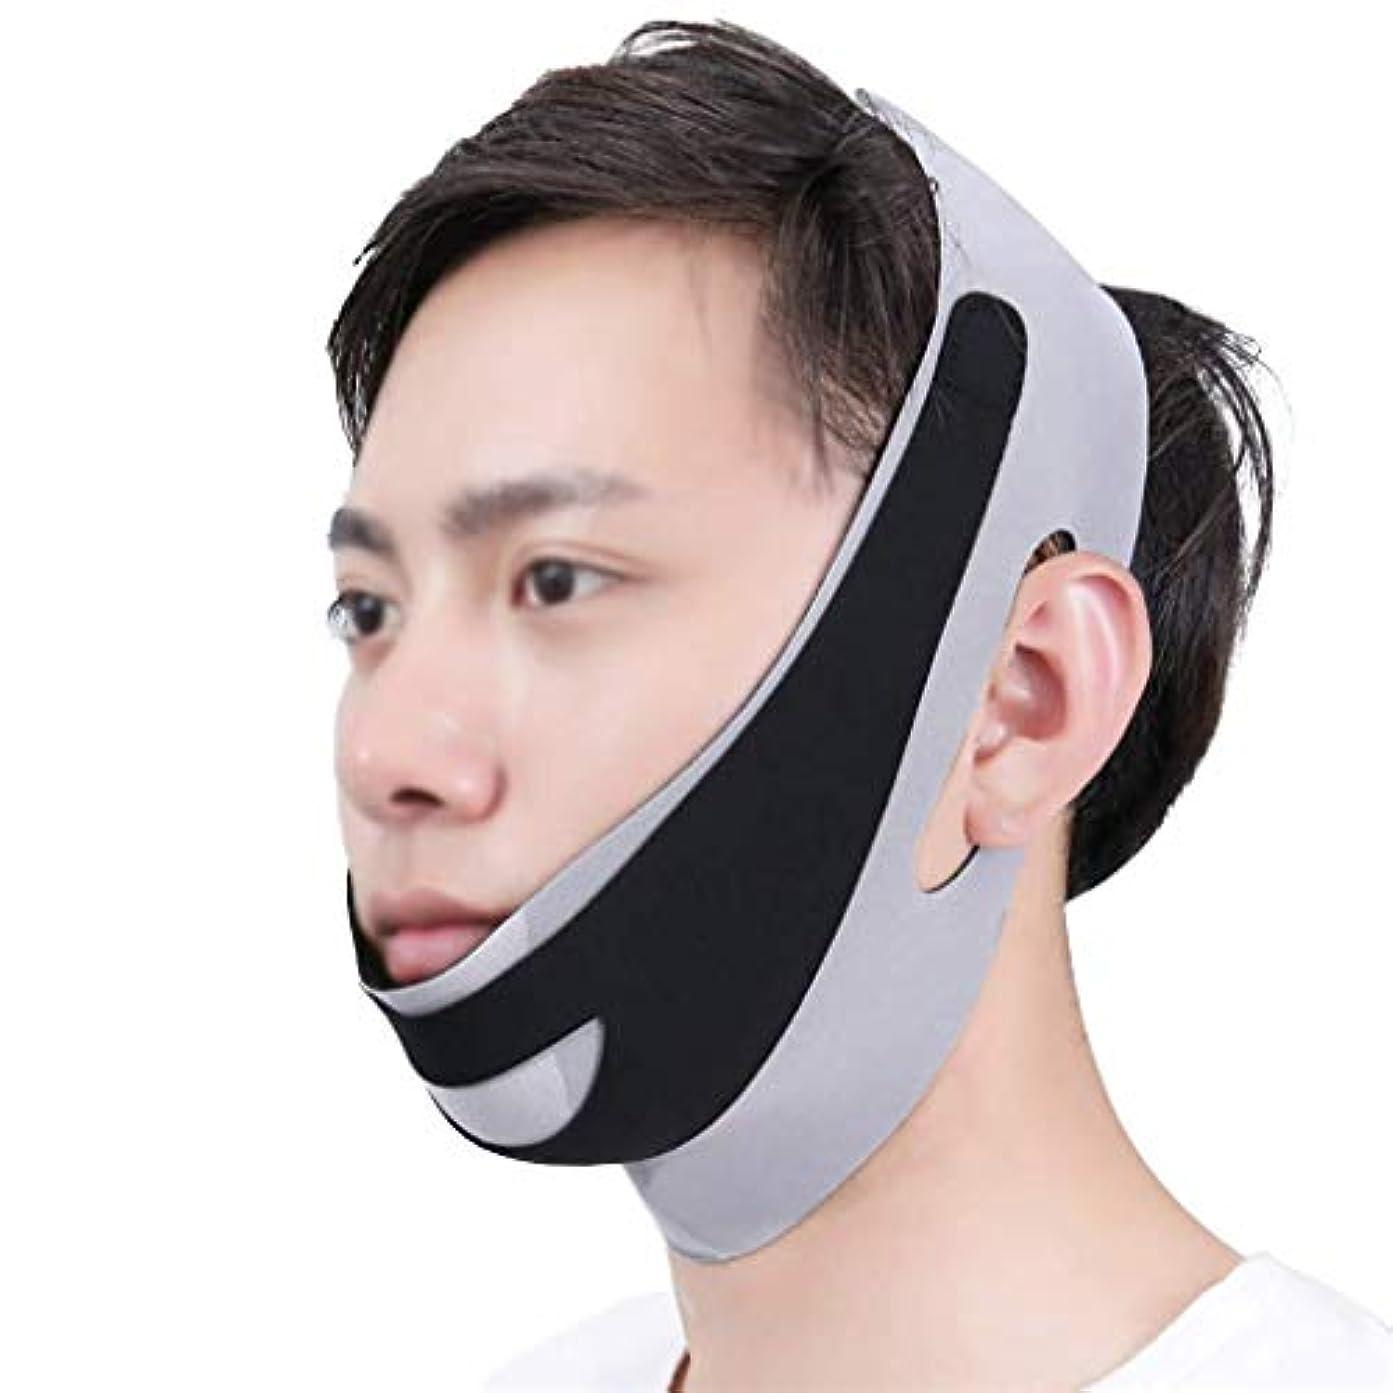 整然としたうがい薬適格顔と首のリフト術後の弾性フェイスマスク小さなV顔アーティファクト薄い顔包帯アーティファクトV顔ぶら下げ耳リフティング引き締め男性の顔アーティファクト